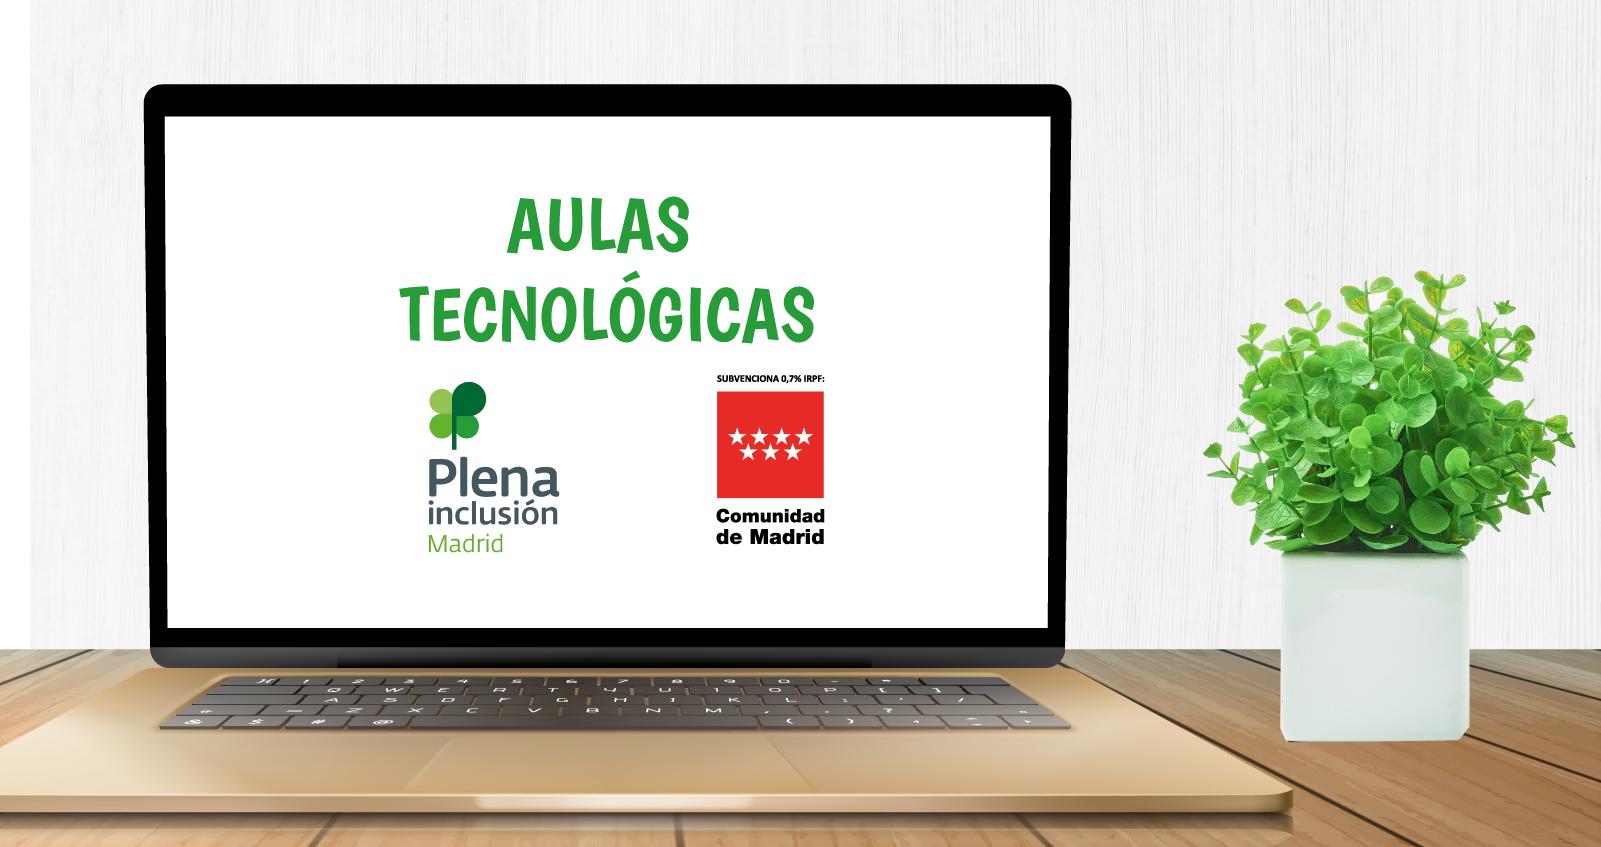 Imagen del proyecto Aulas tecnológicas